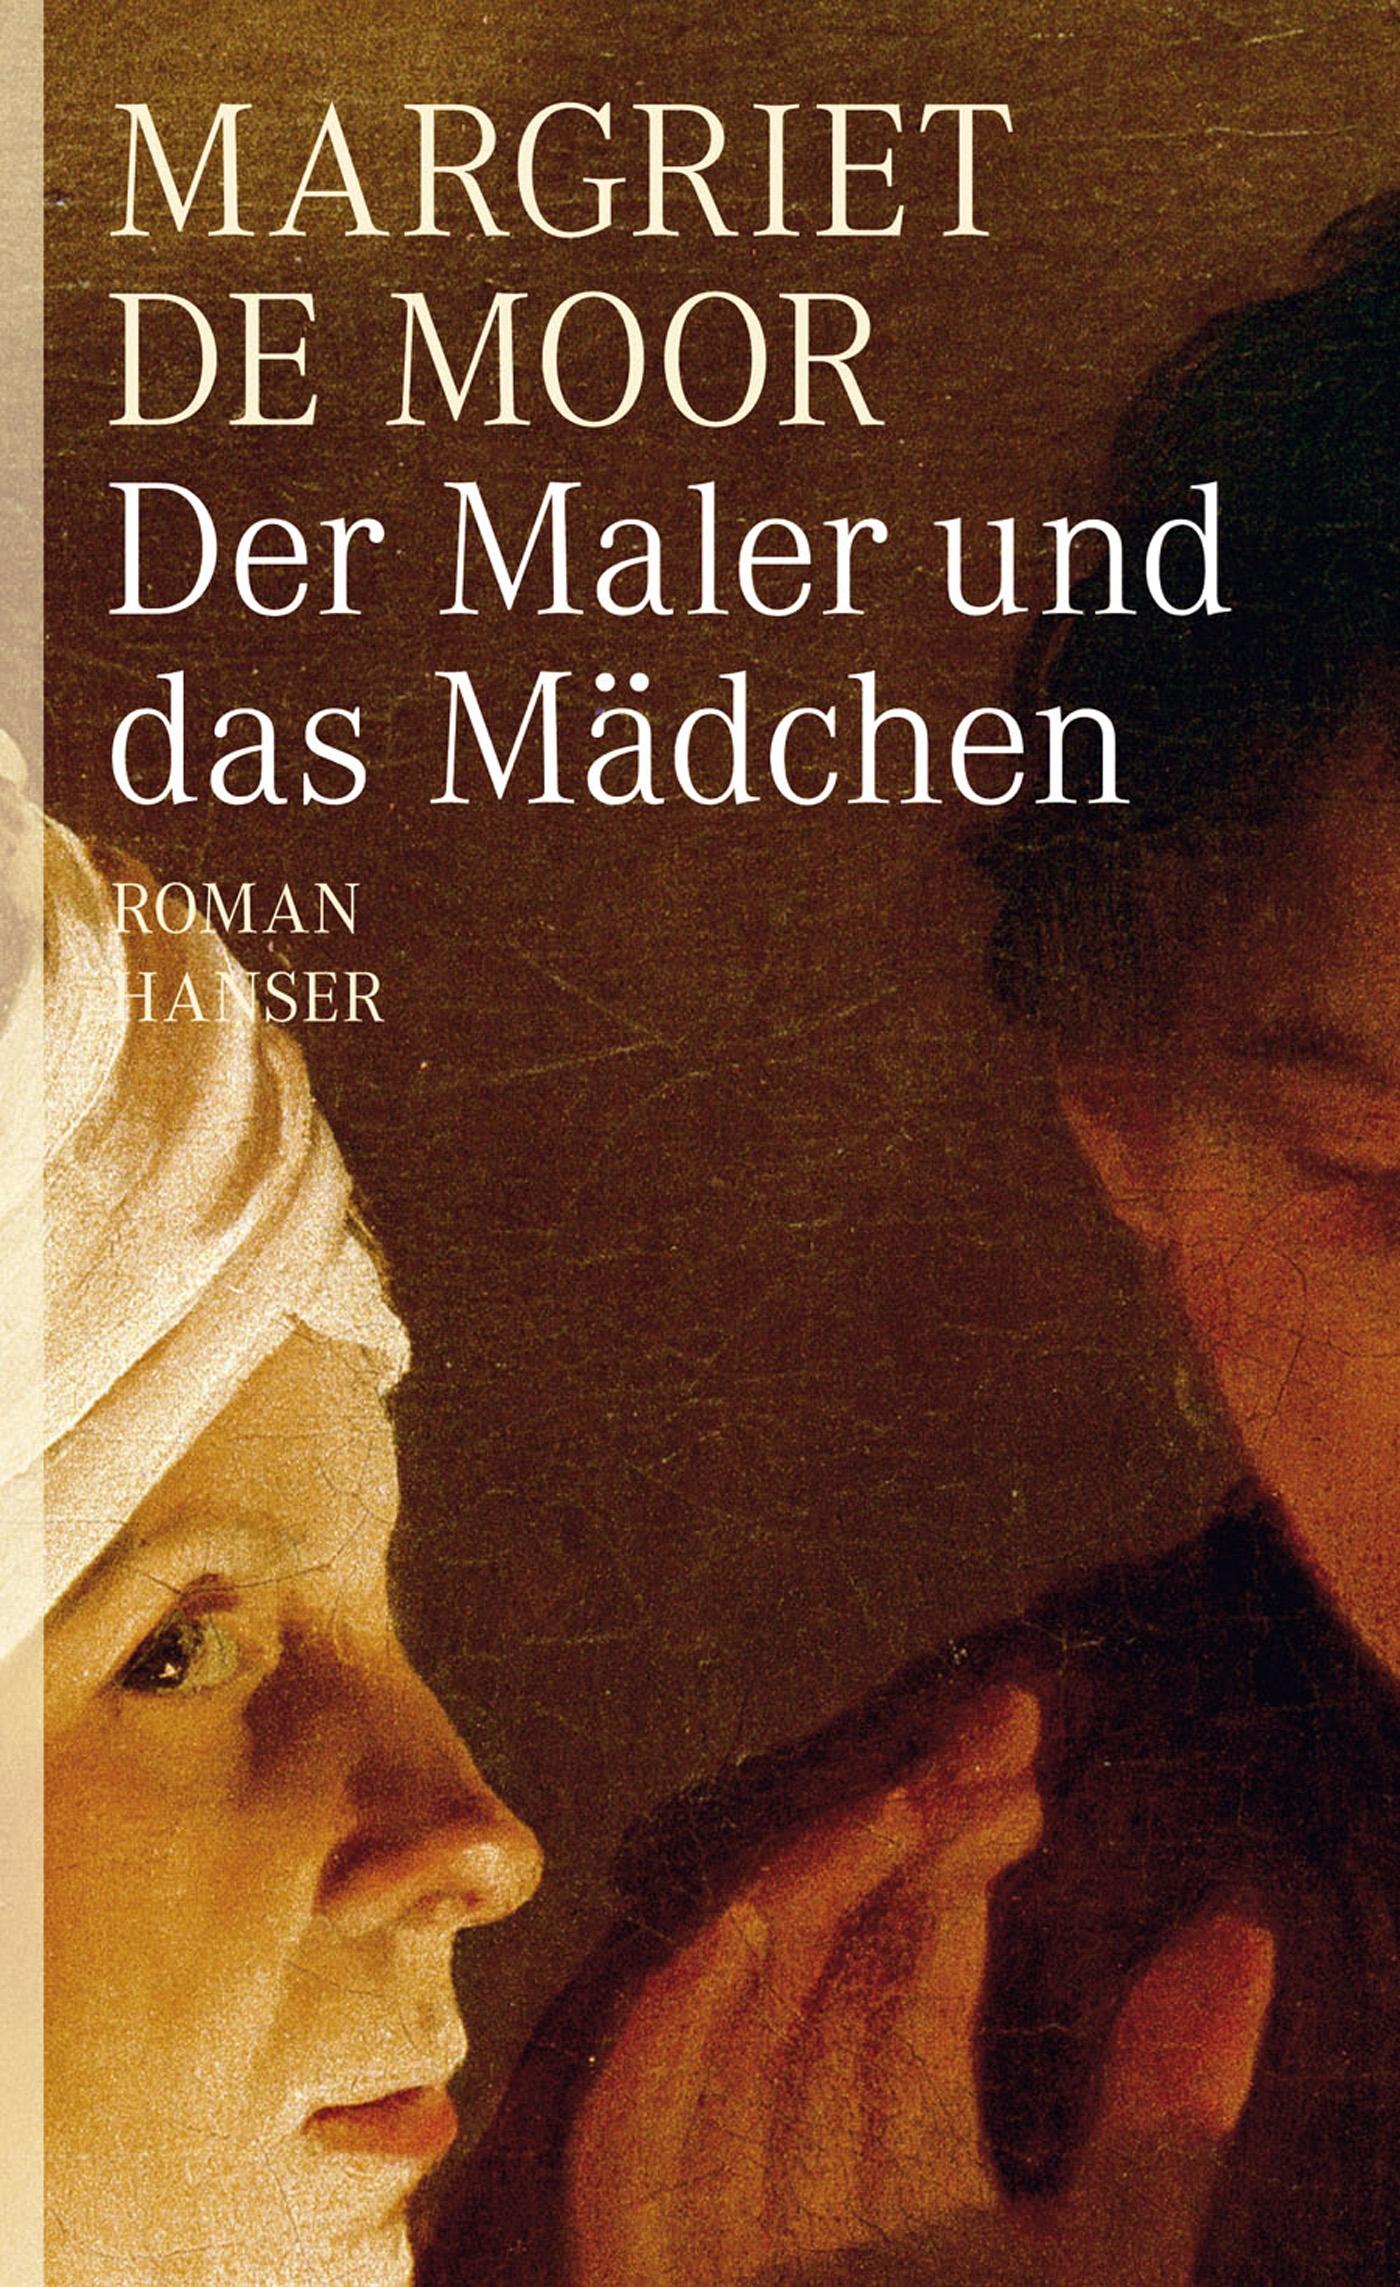 Der Maler und das Mädchen Margriet de Moor